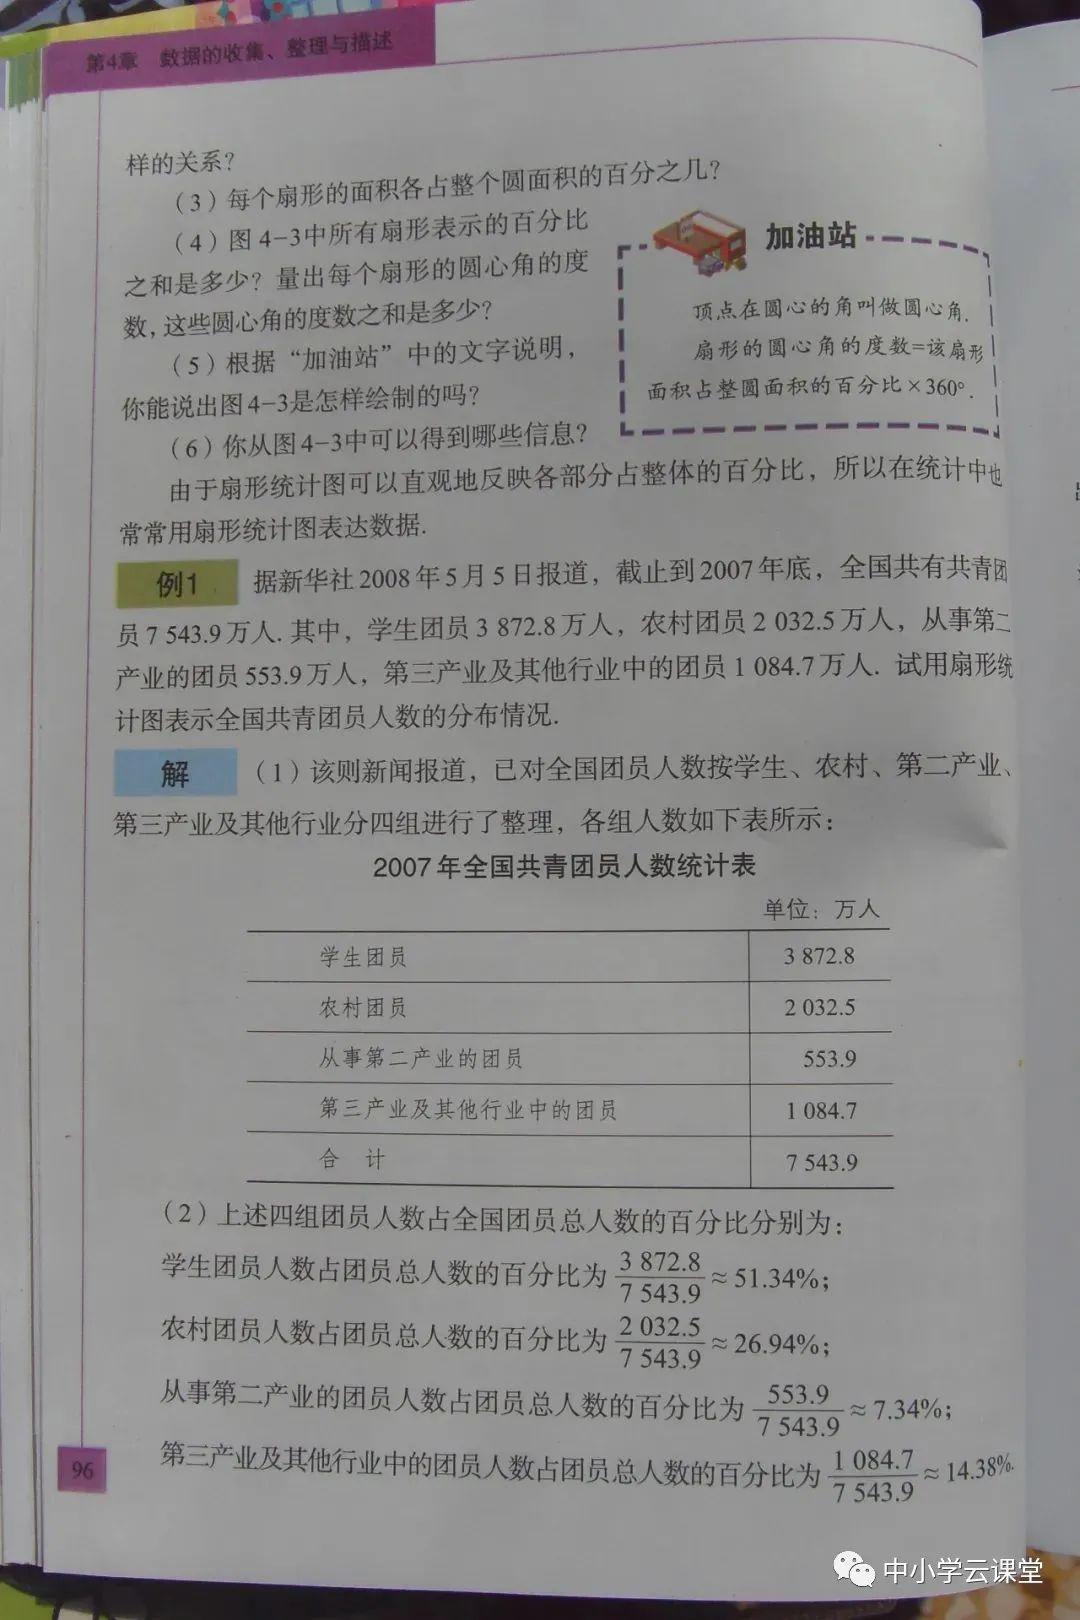 6bc3e3adf0e3e517468fc8020d4c84dc.png